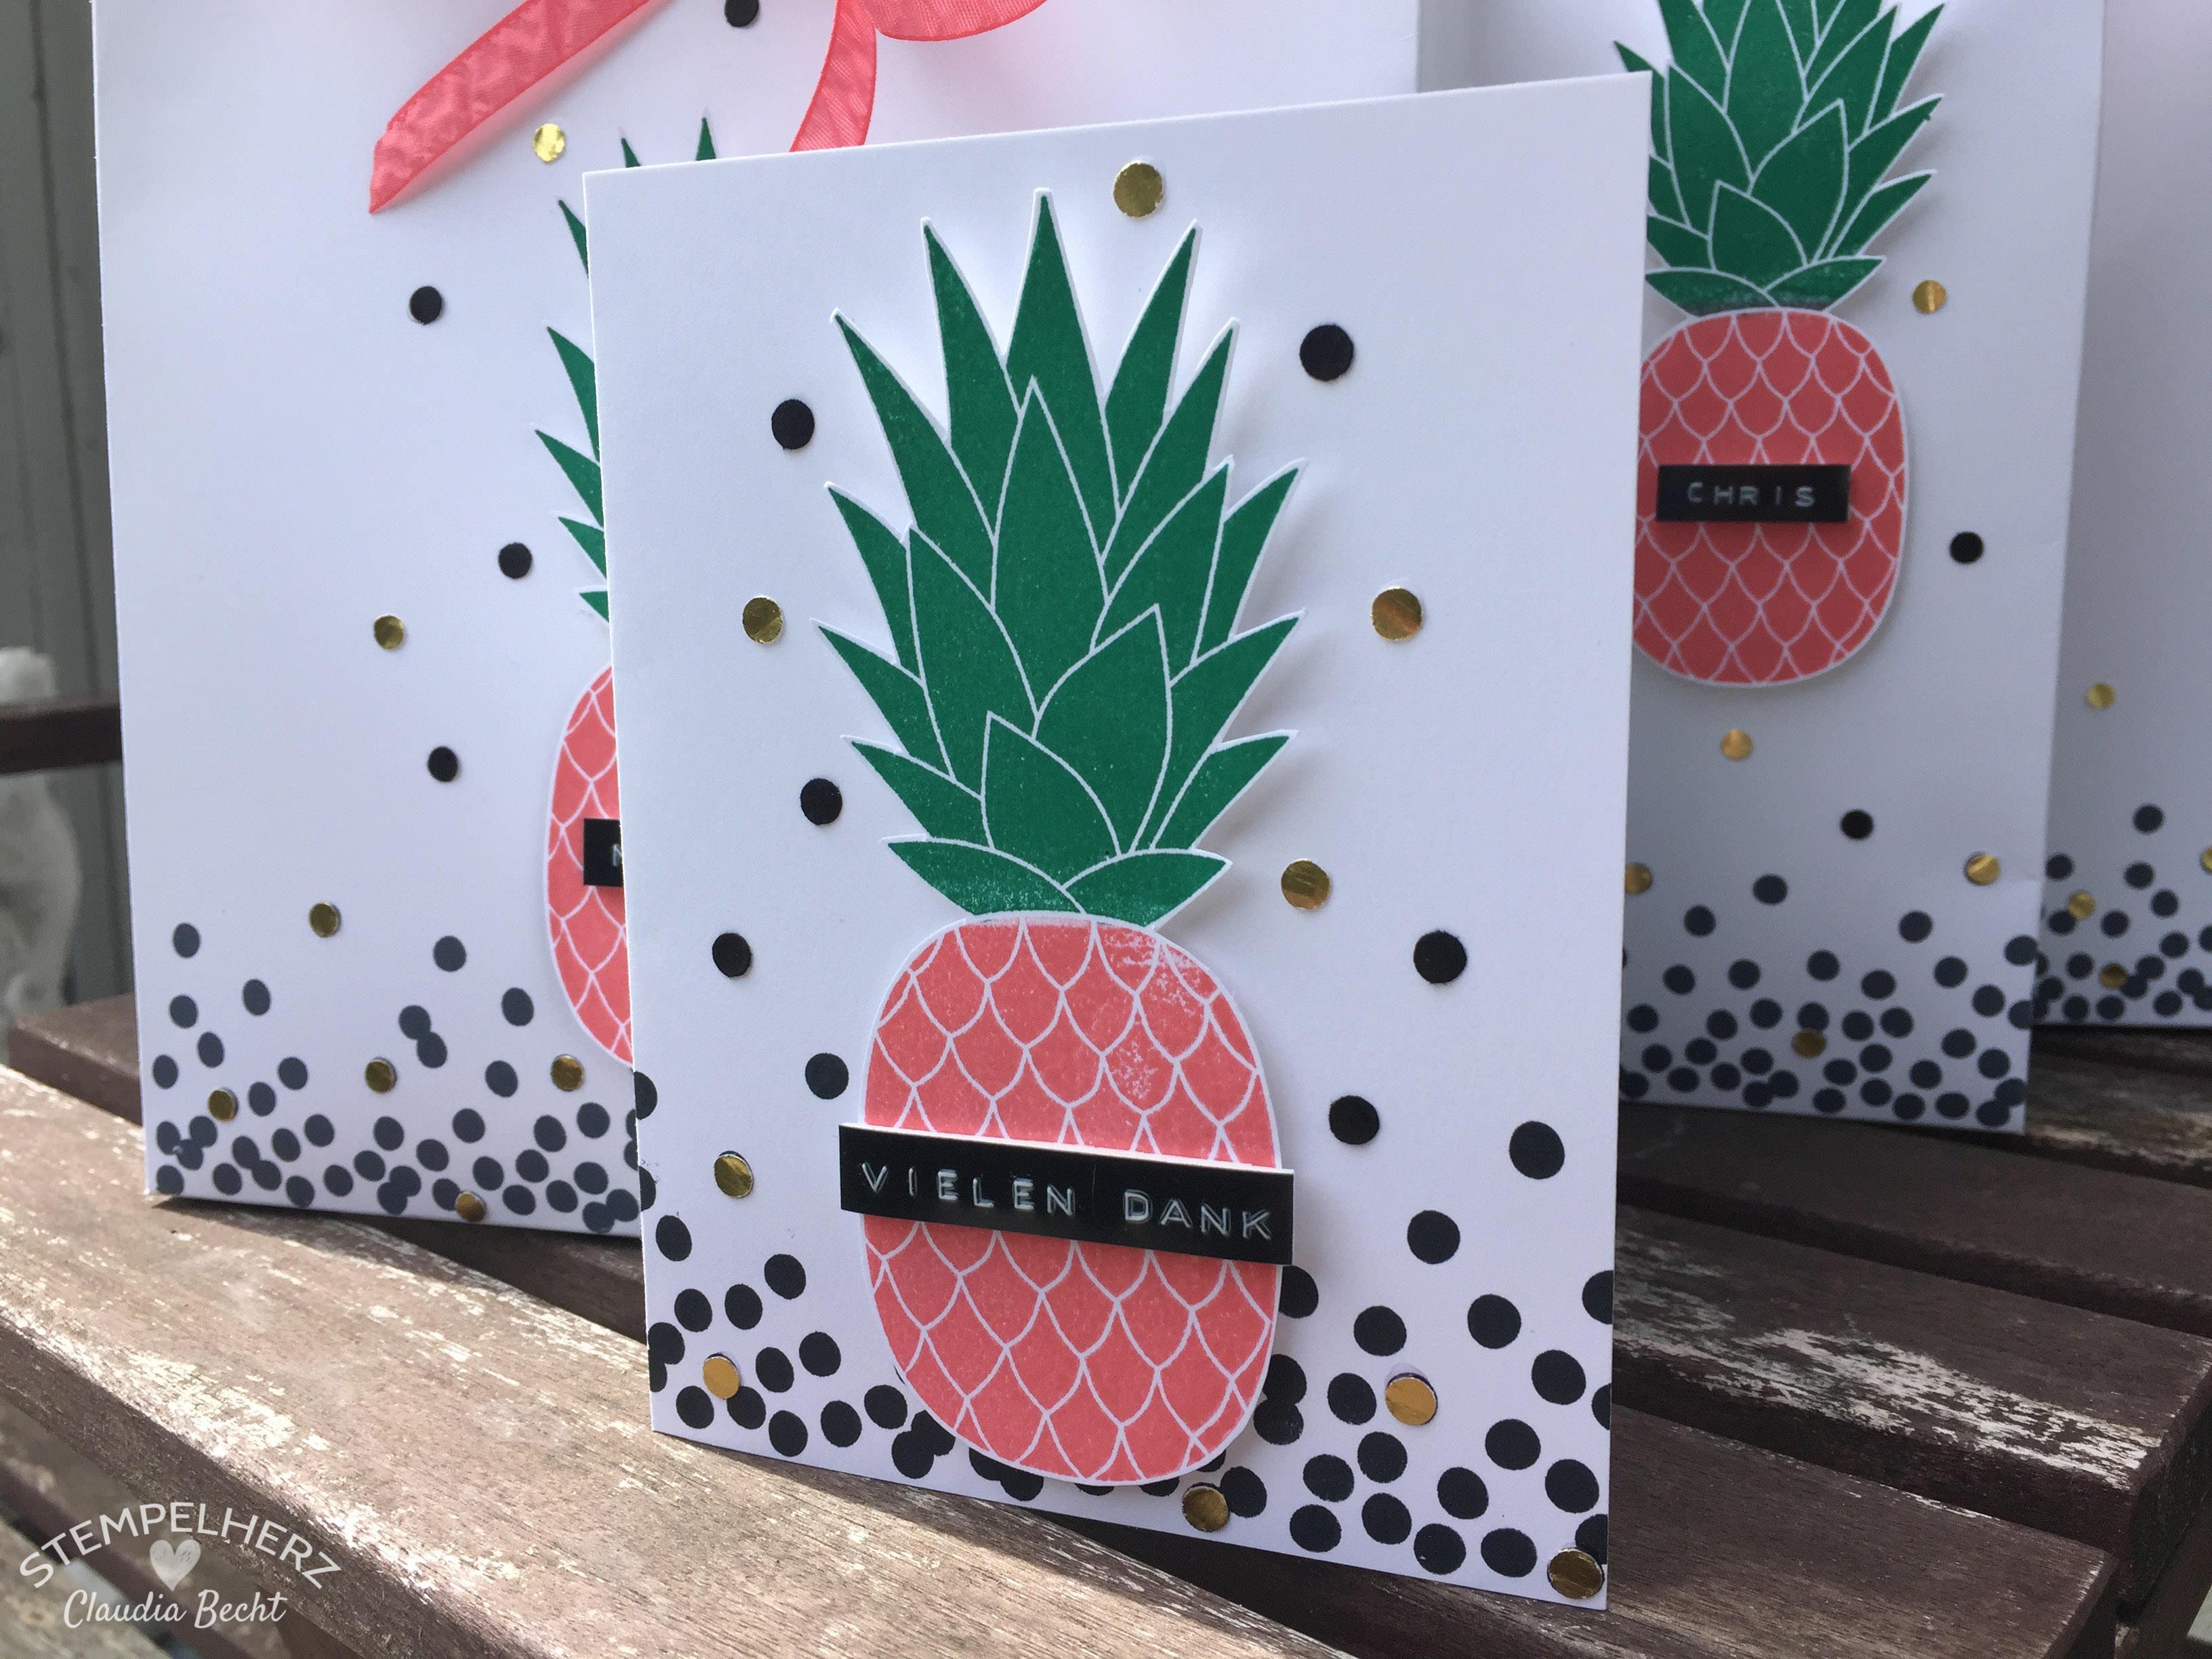 Stampin Up - Stempelherz - Inspiration-Art-Lieblingsstempelset - Stempelset Pineapple - Vielen Dank ans Team 11